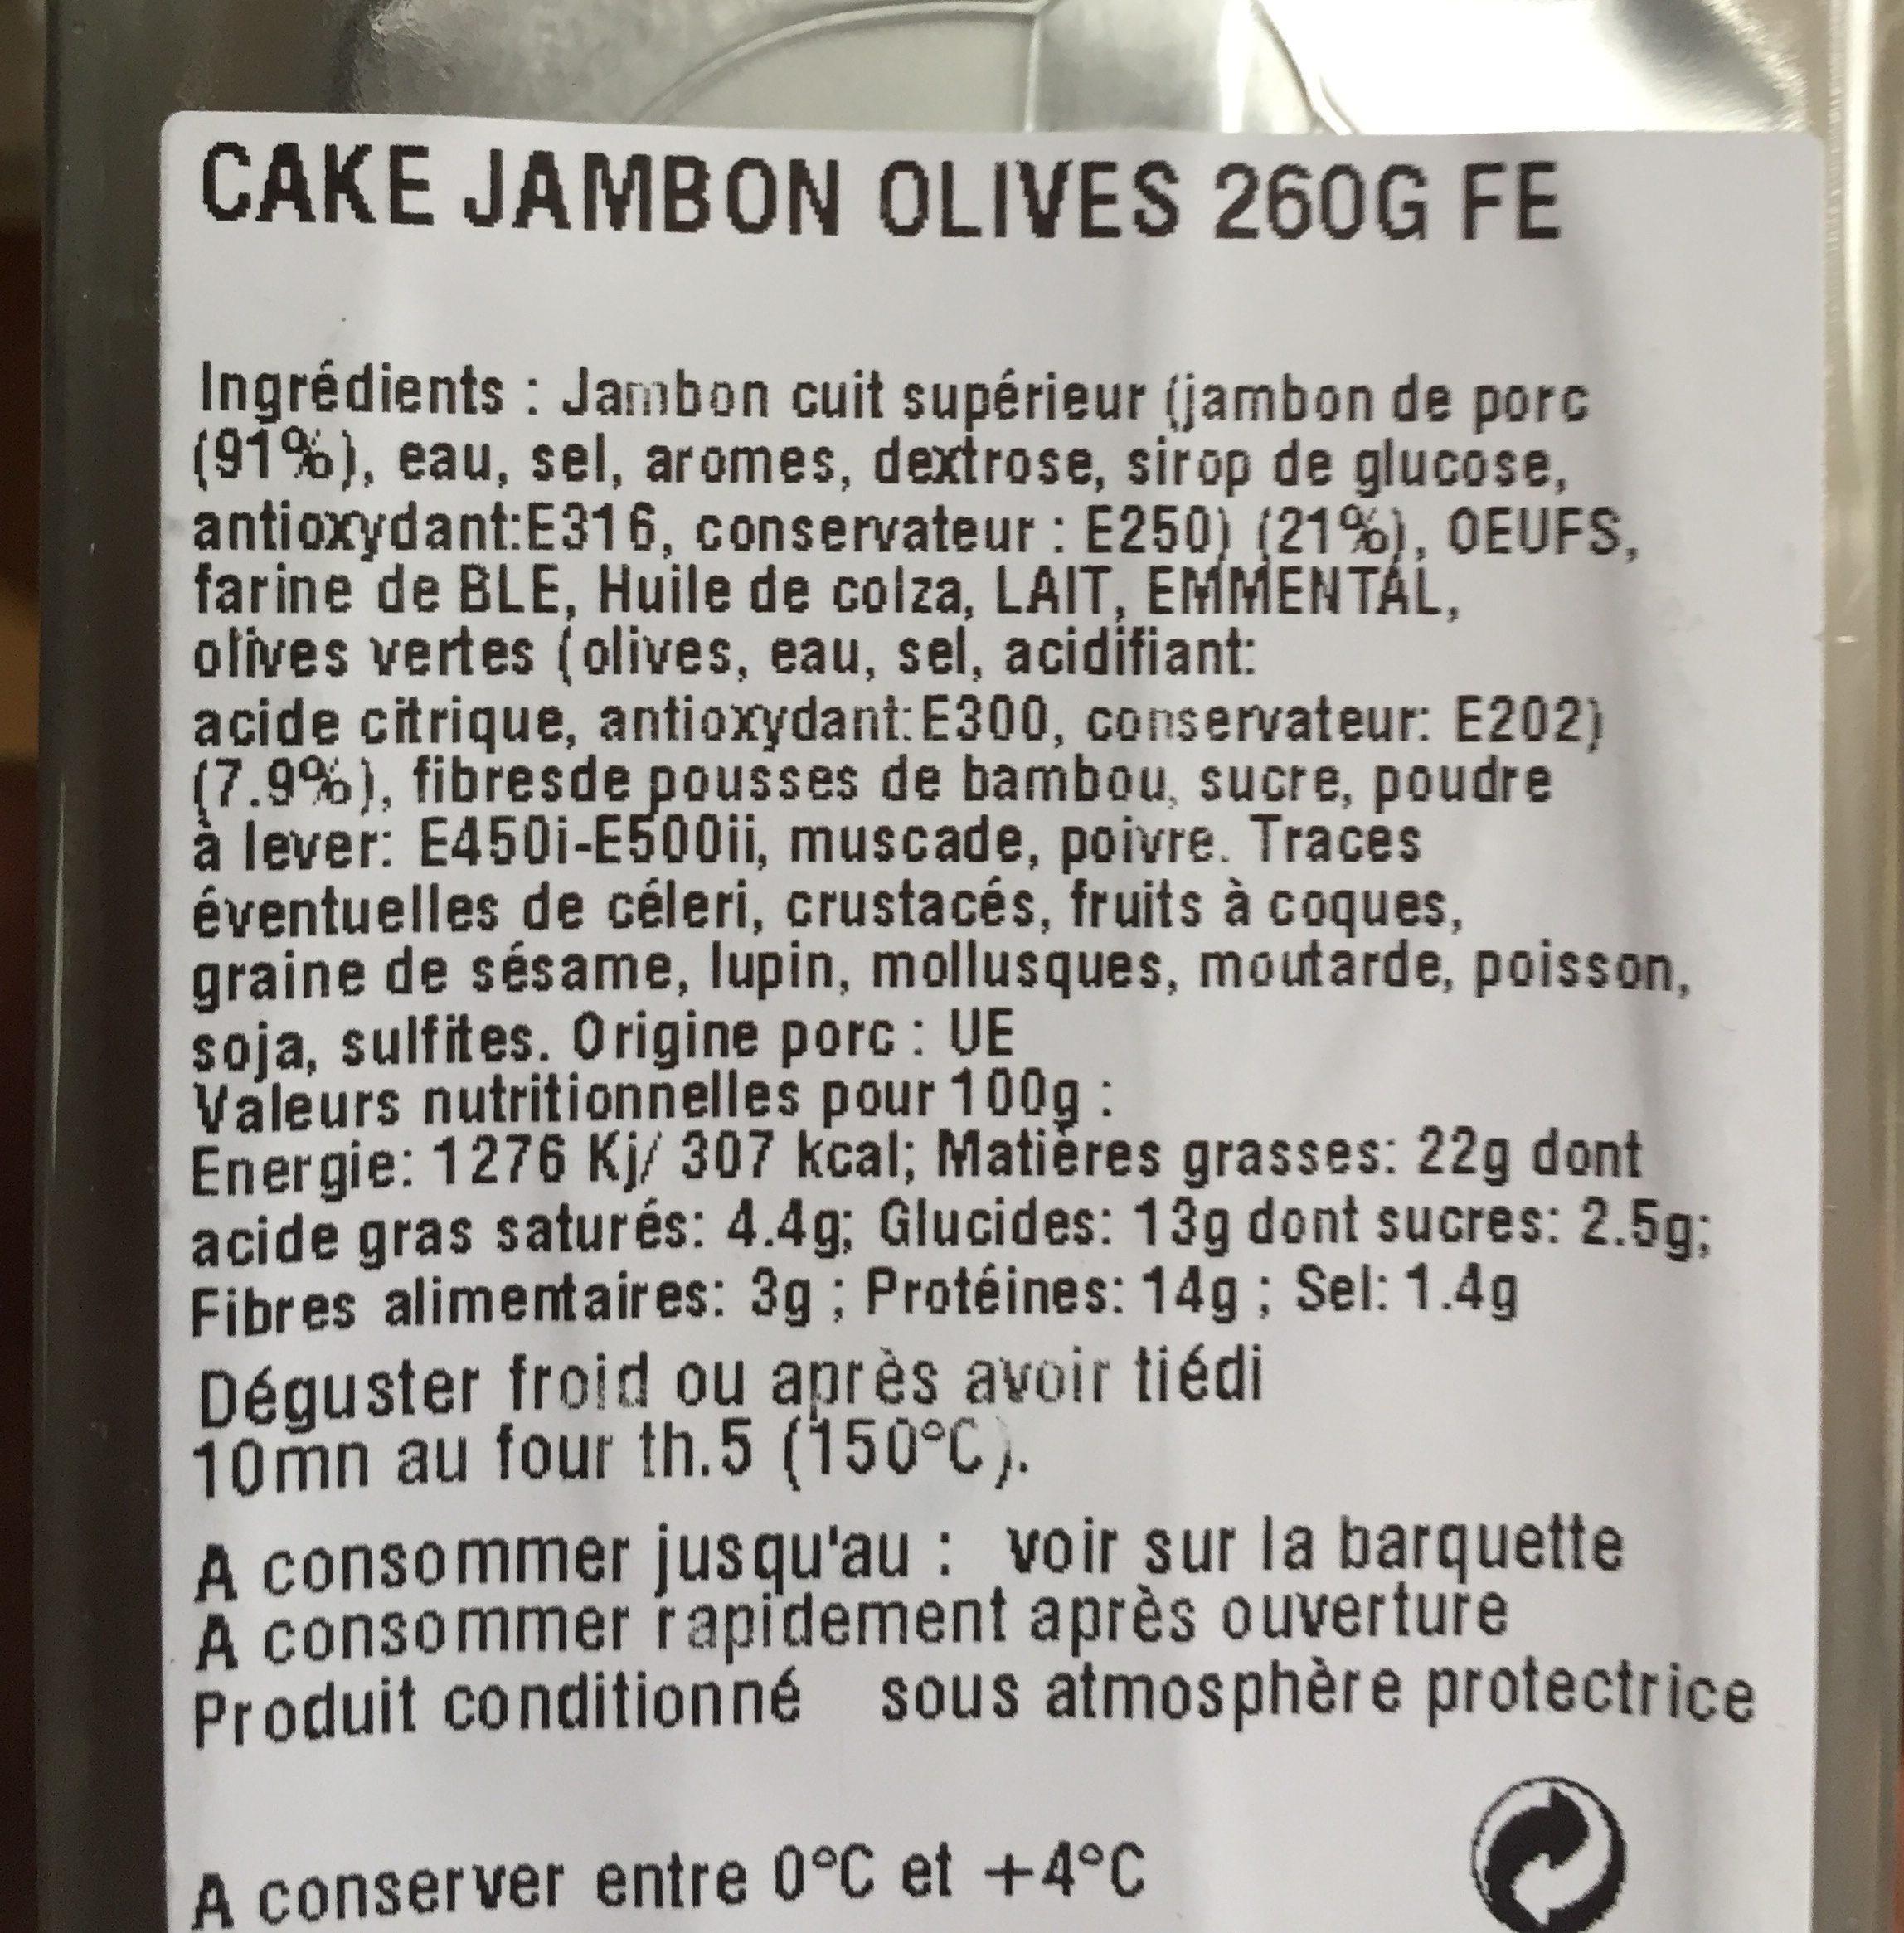 Cake jambon olive - Ingrédients - fr